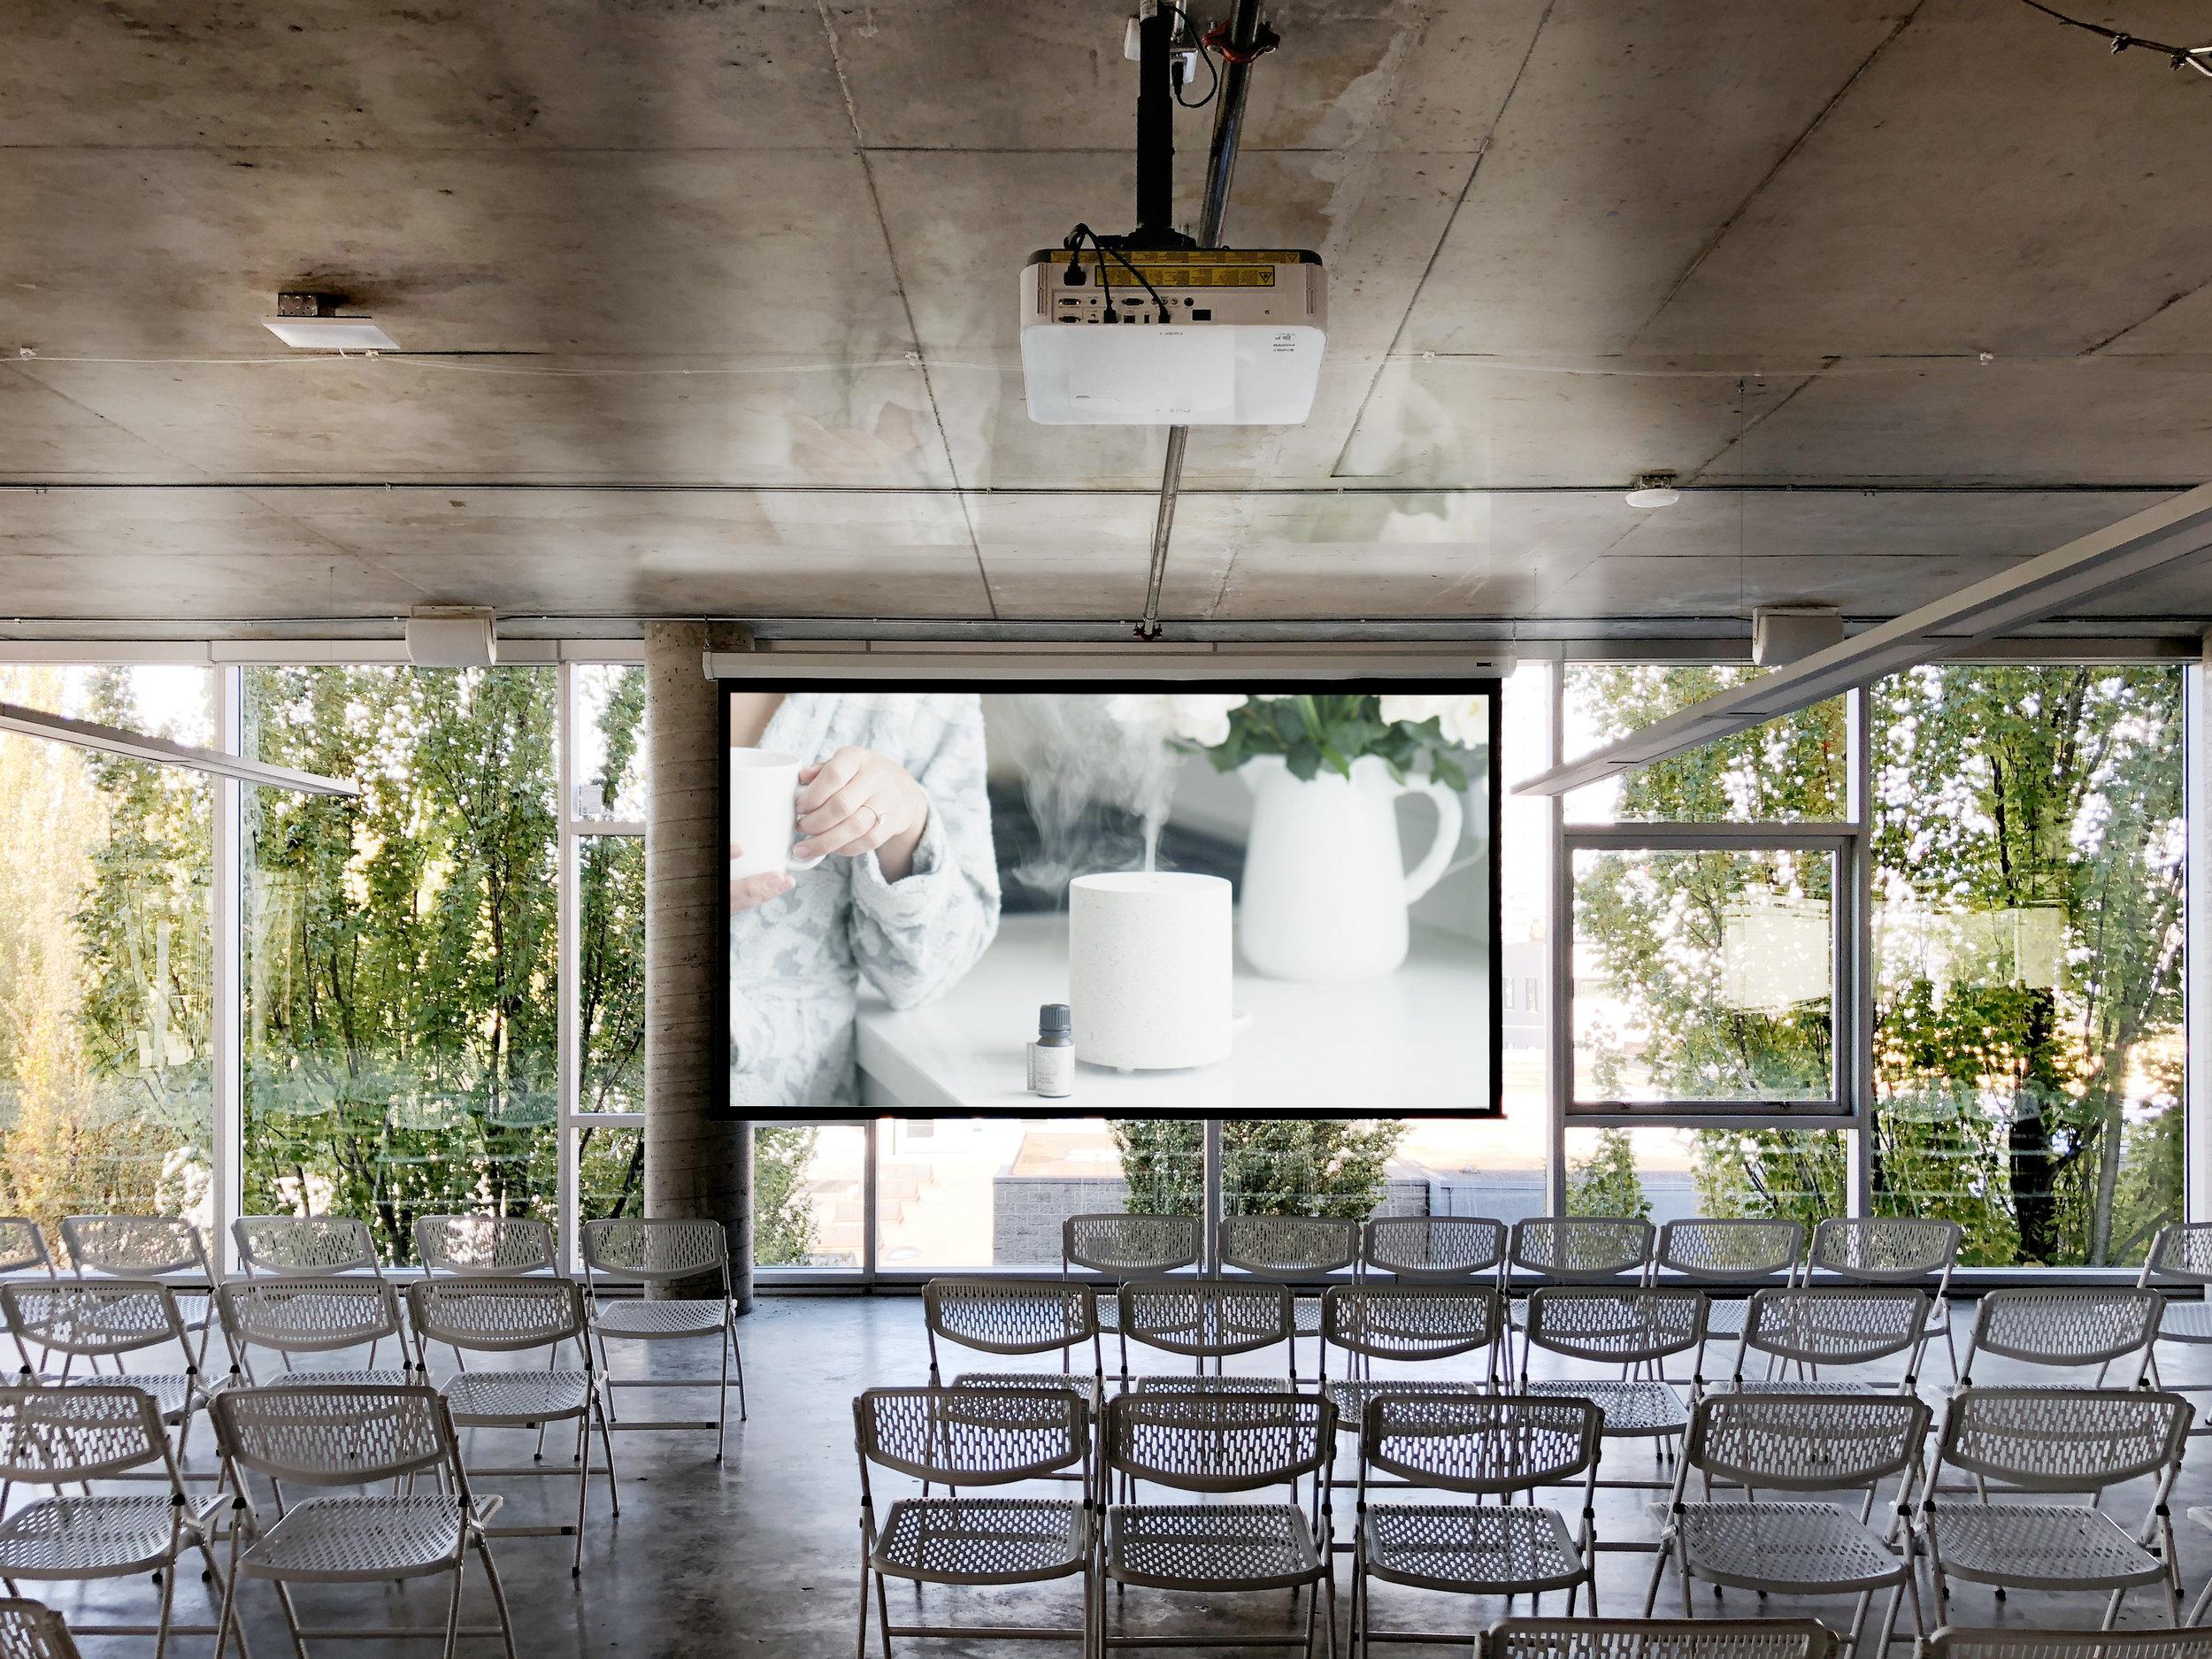 Temporary Presentation Space